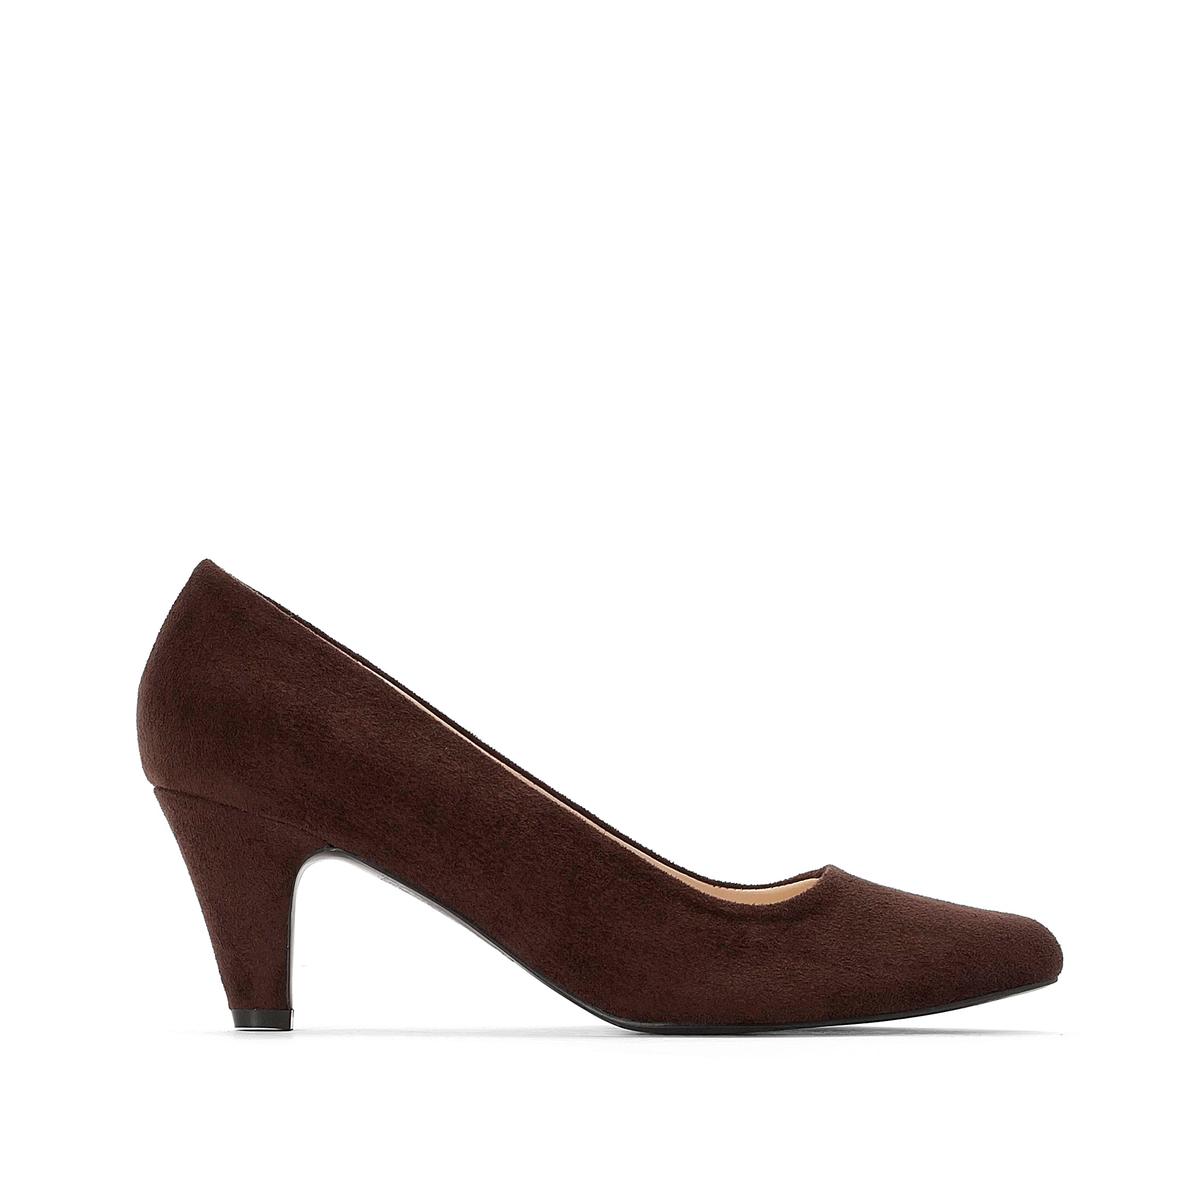 Туфли La Redoute На среднем каблуке 38 каштановый туфли indiana туфли на среднем каблуке